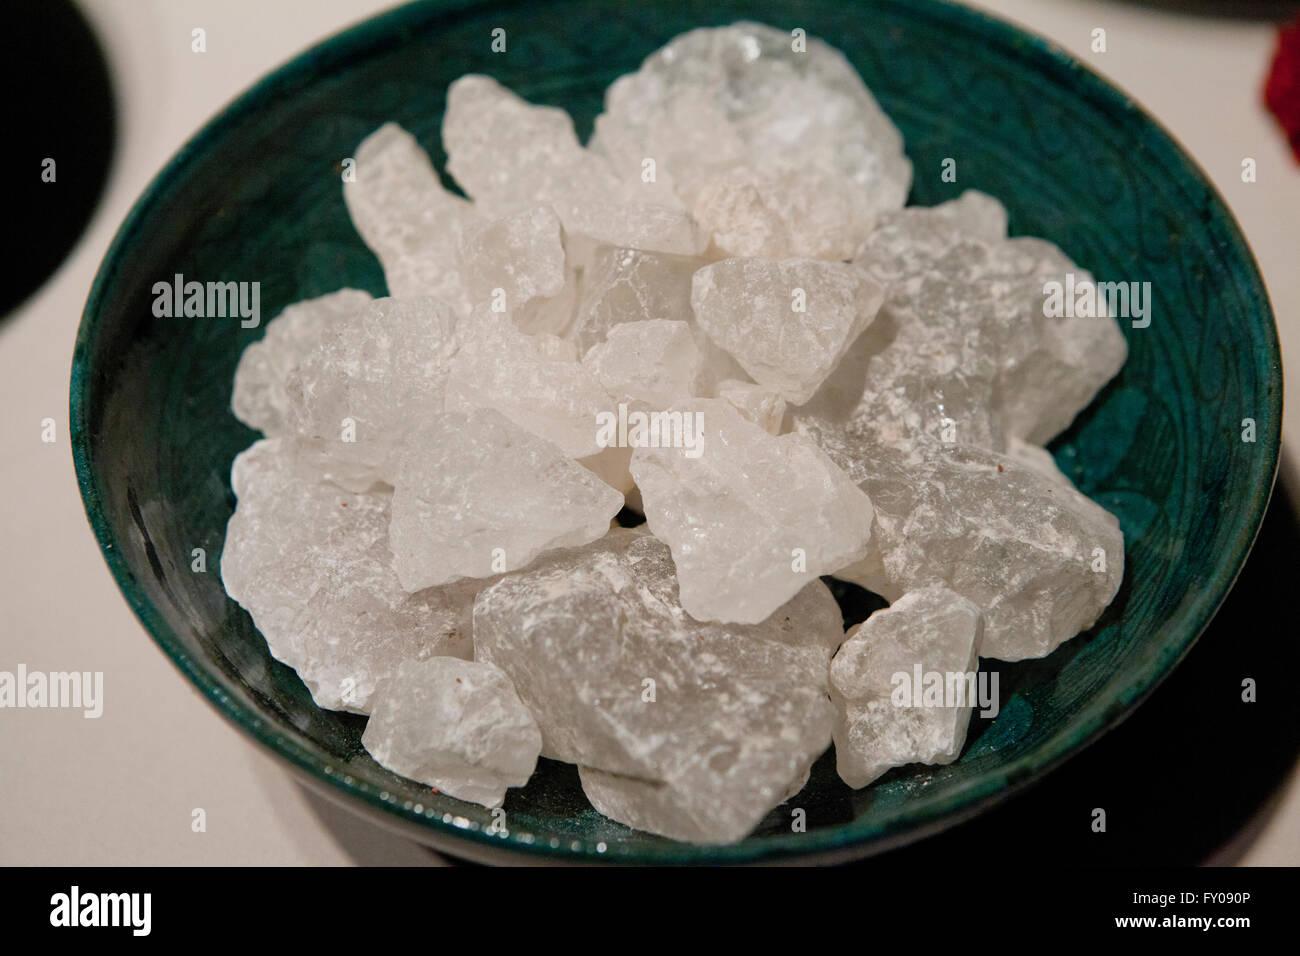 Ammonium alum (Ammonium aluminium sulfate) crystals - Stock Image